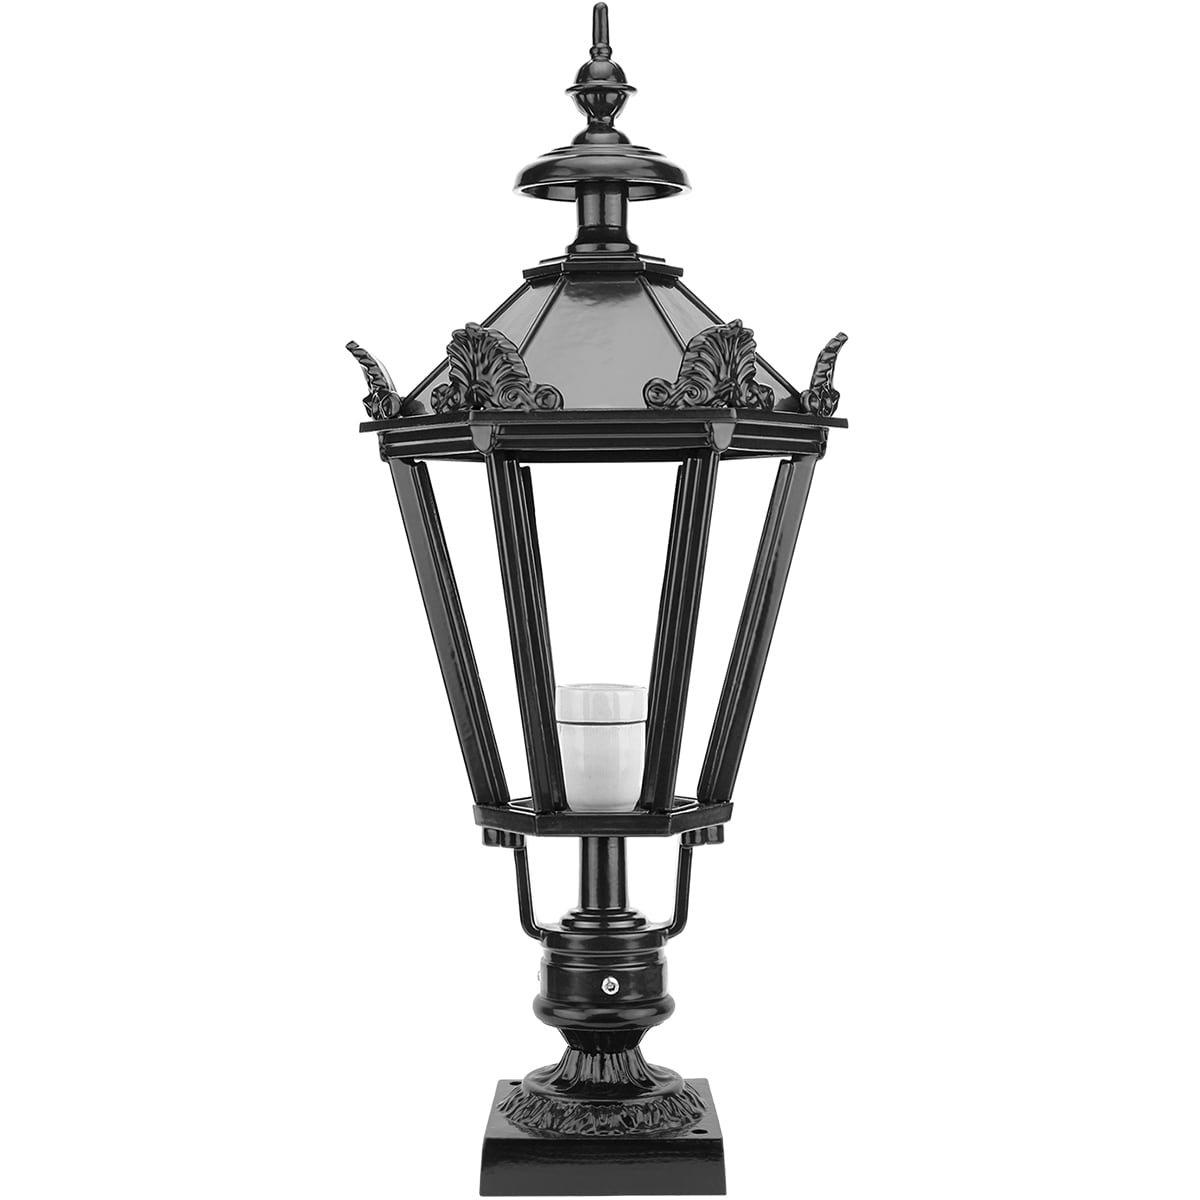 Buitenverlichting Klassiek Landelijk Buitenlamp Nijkerk met kronen - 73 cm